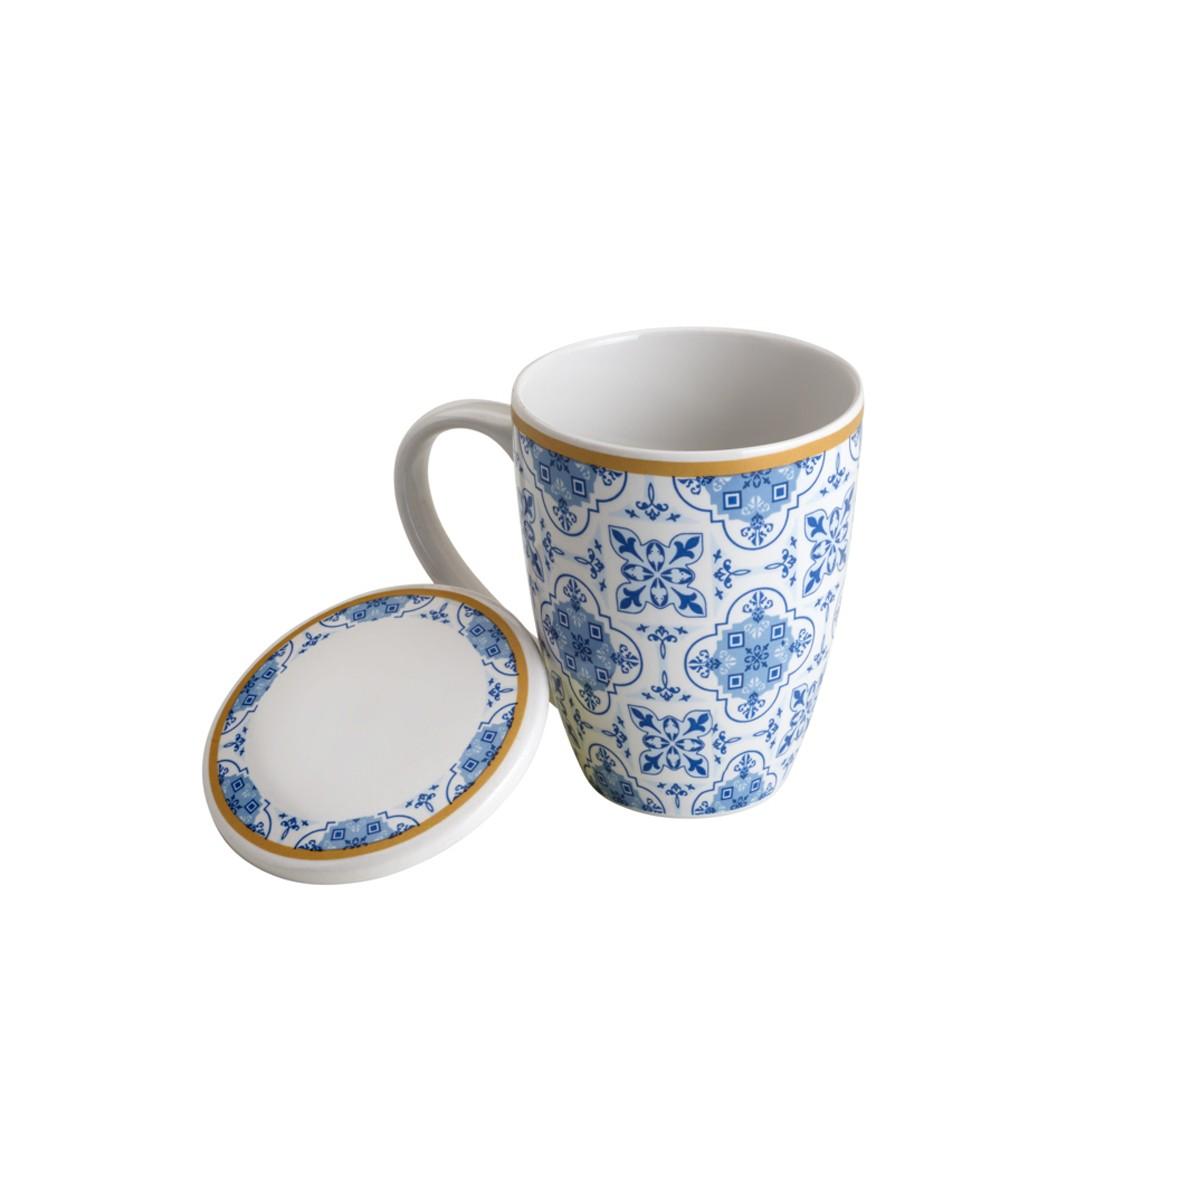 Caneca De Porcelana C/ Tampa E Filtro Lisboa Azul E Branca Lyor